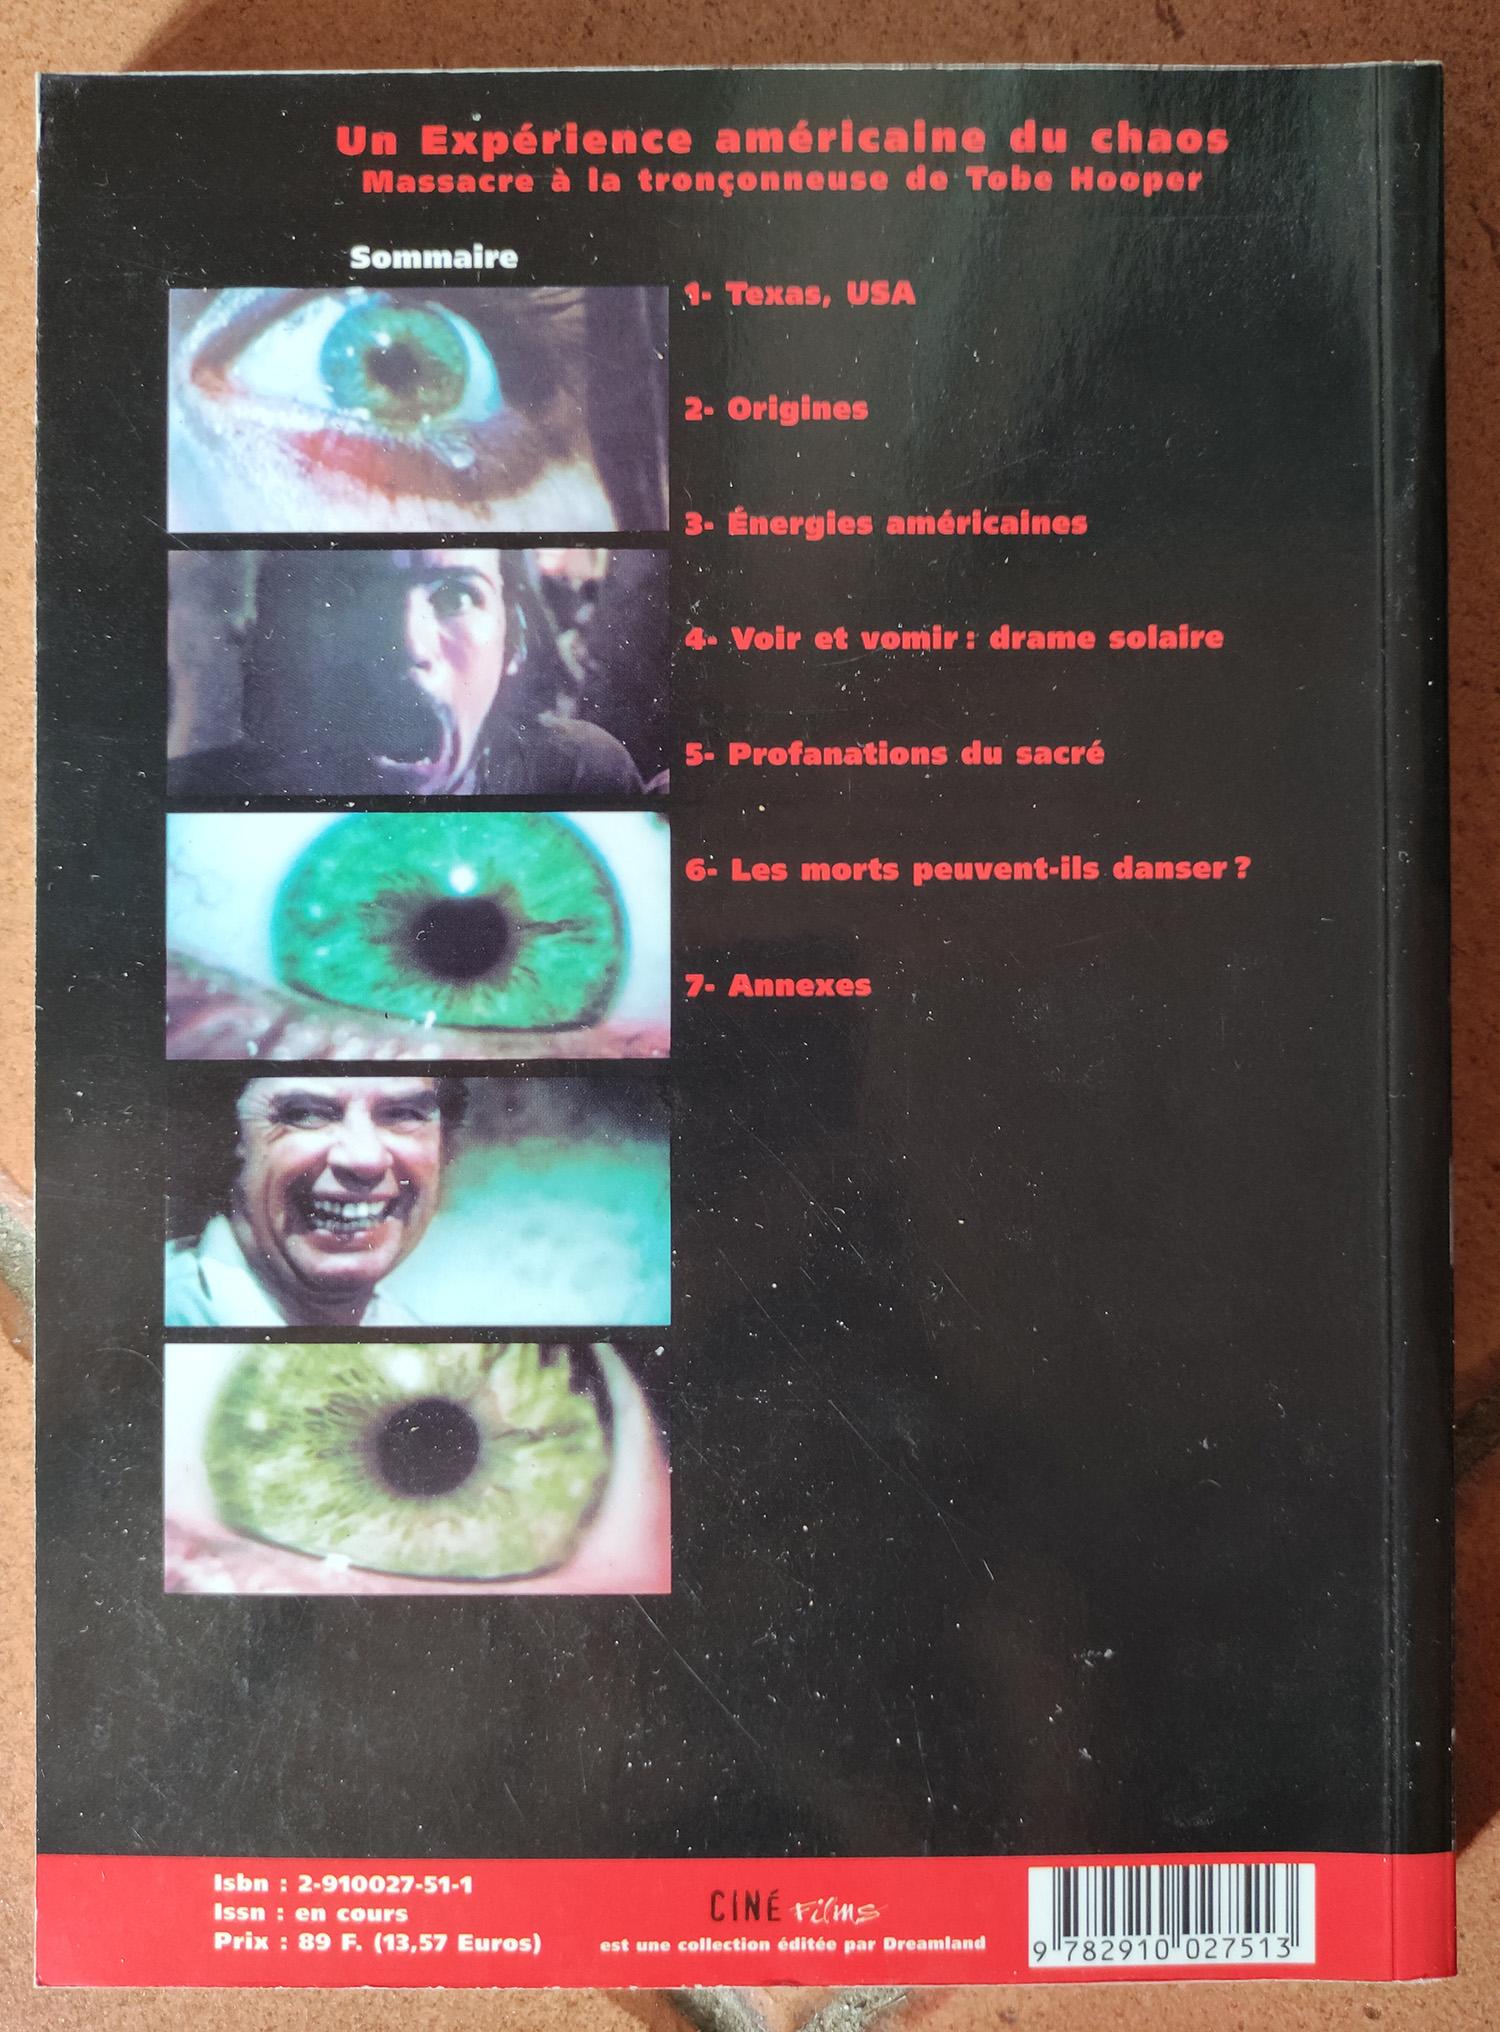 Livres,musiques, jeux, films, courts métrages de l'horreur et de l'épouvante ... 16332010